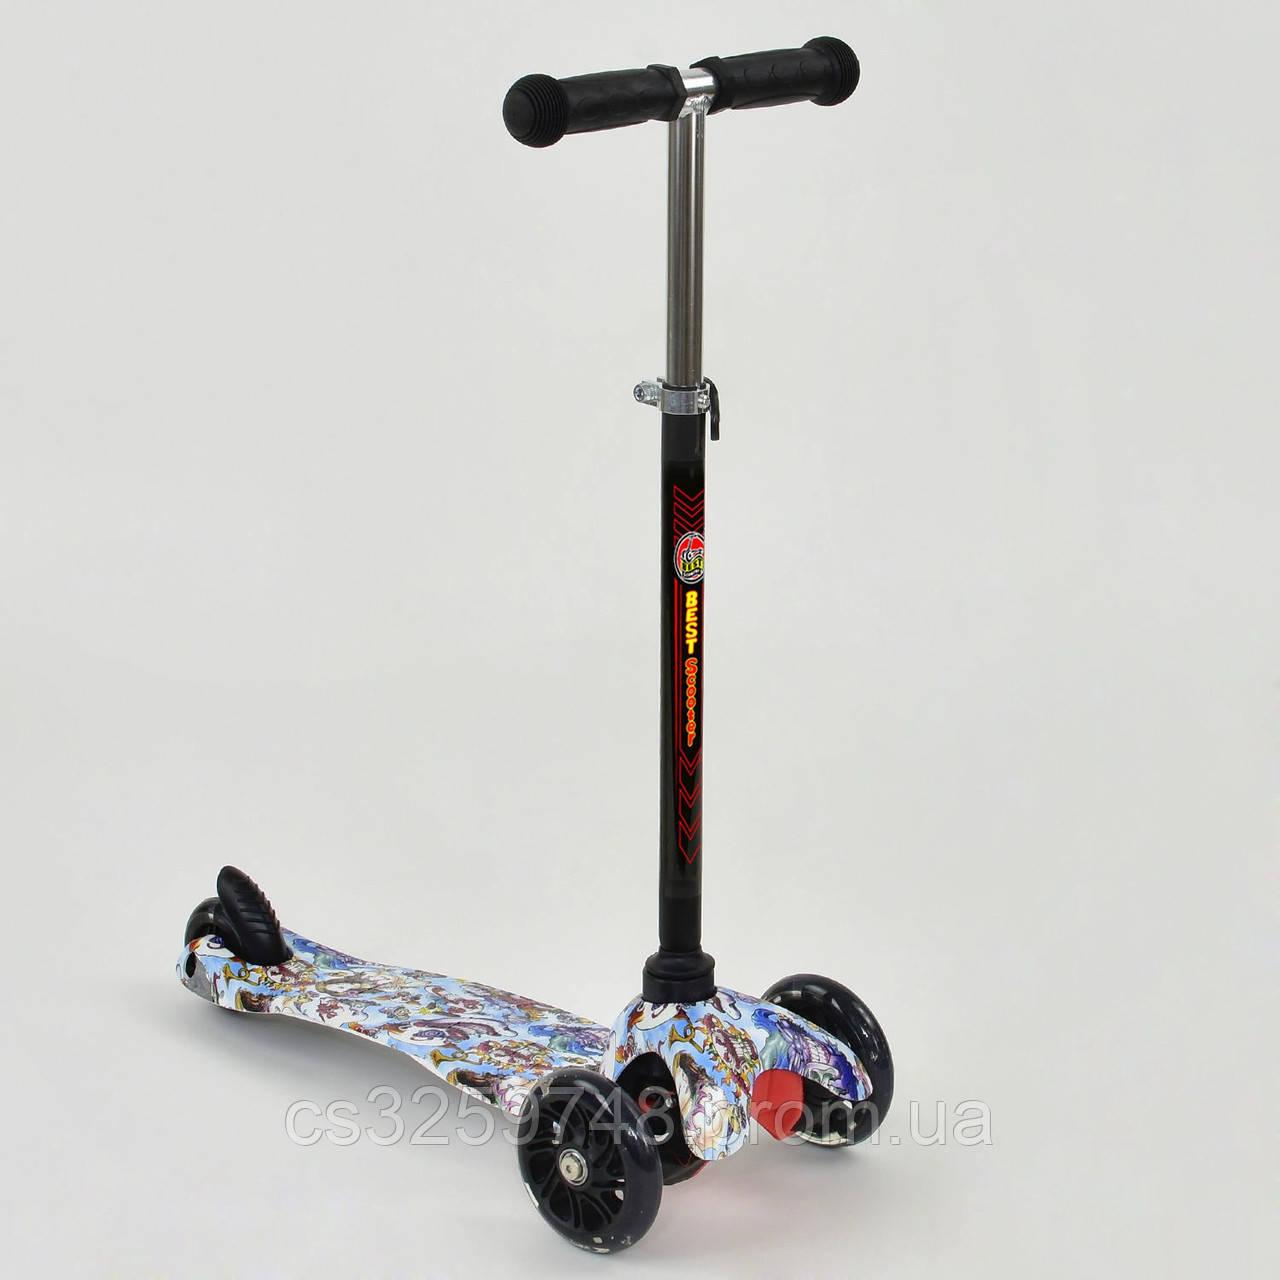 Самокат MINI Best Scooter А 24708 / 779-1232